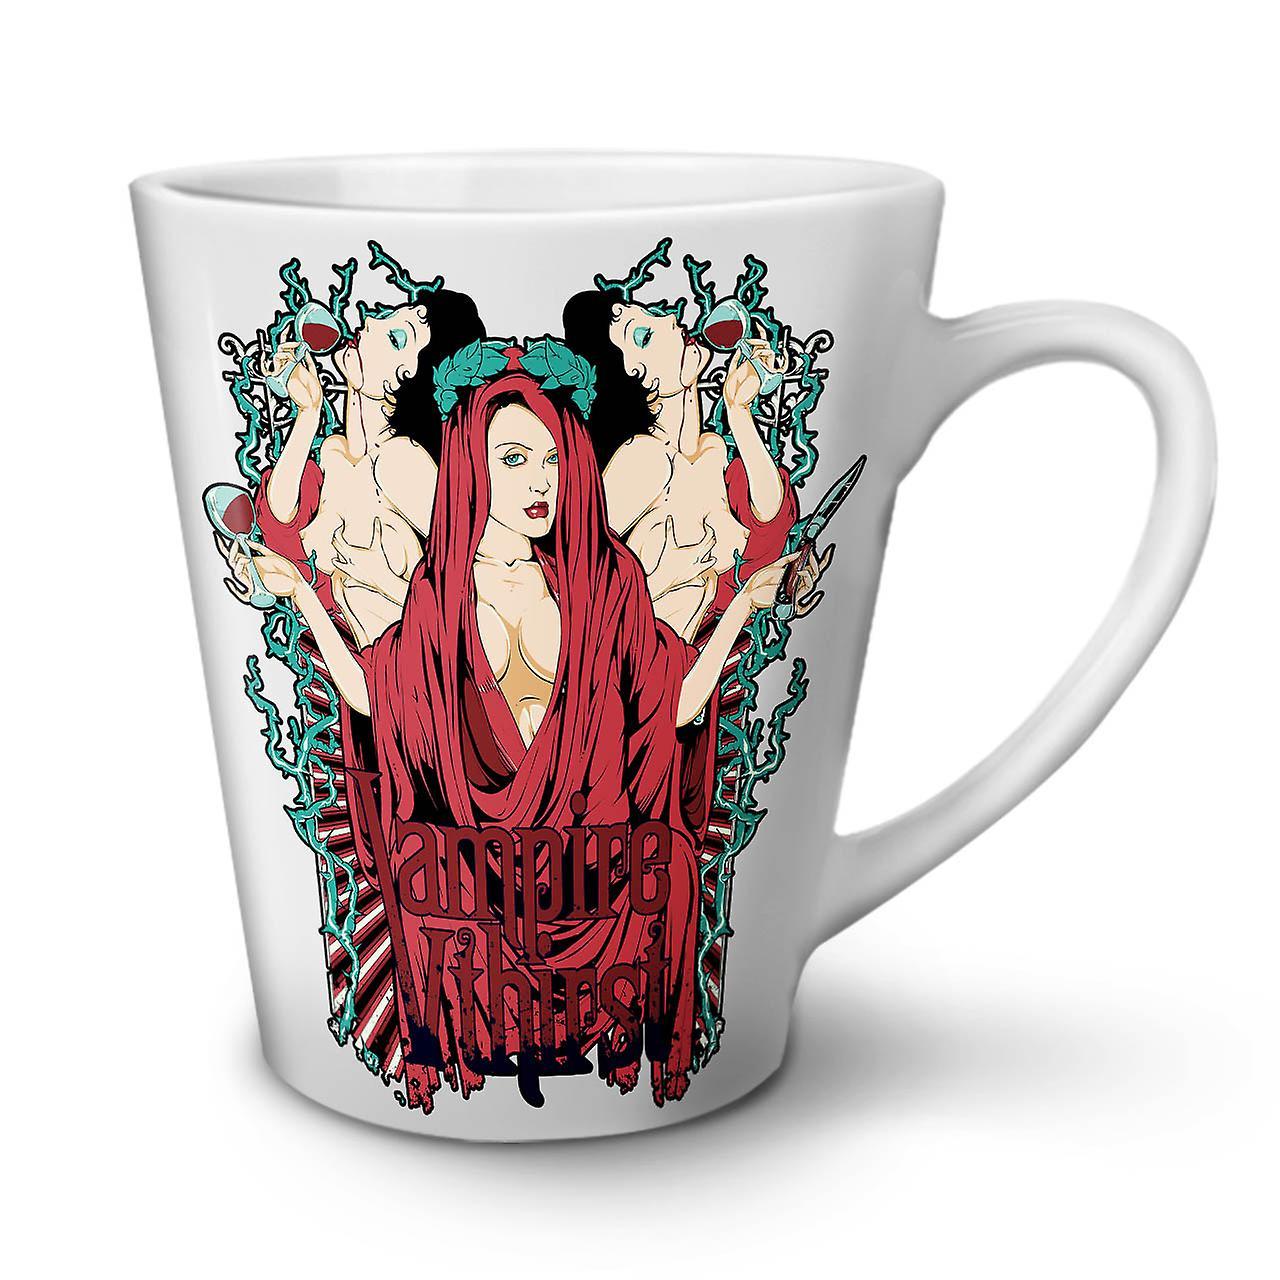 12 Chaude Soif Thé Nouveau Latte Sexy En Tasse La OzWellcoda Blanc Café Céramique Vampire yIYf76vgb